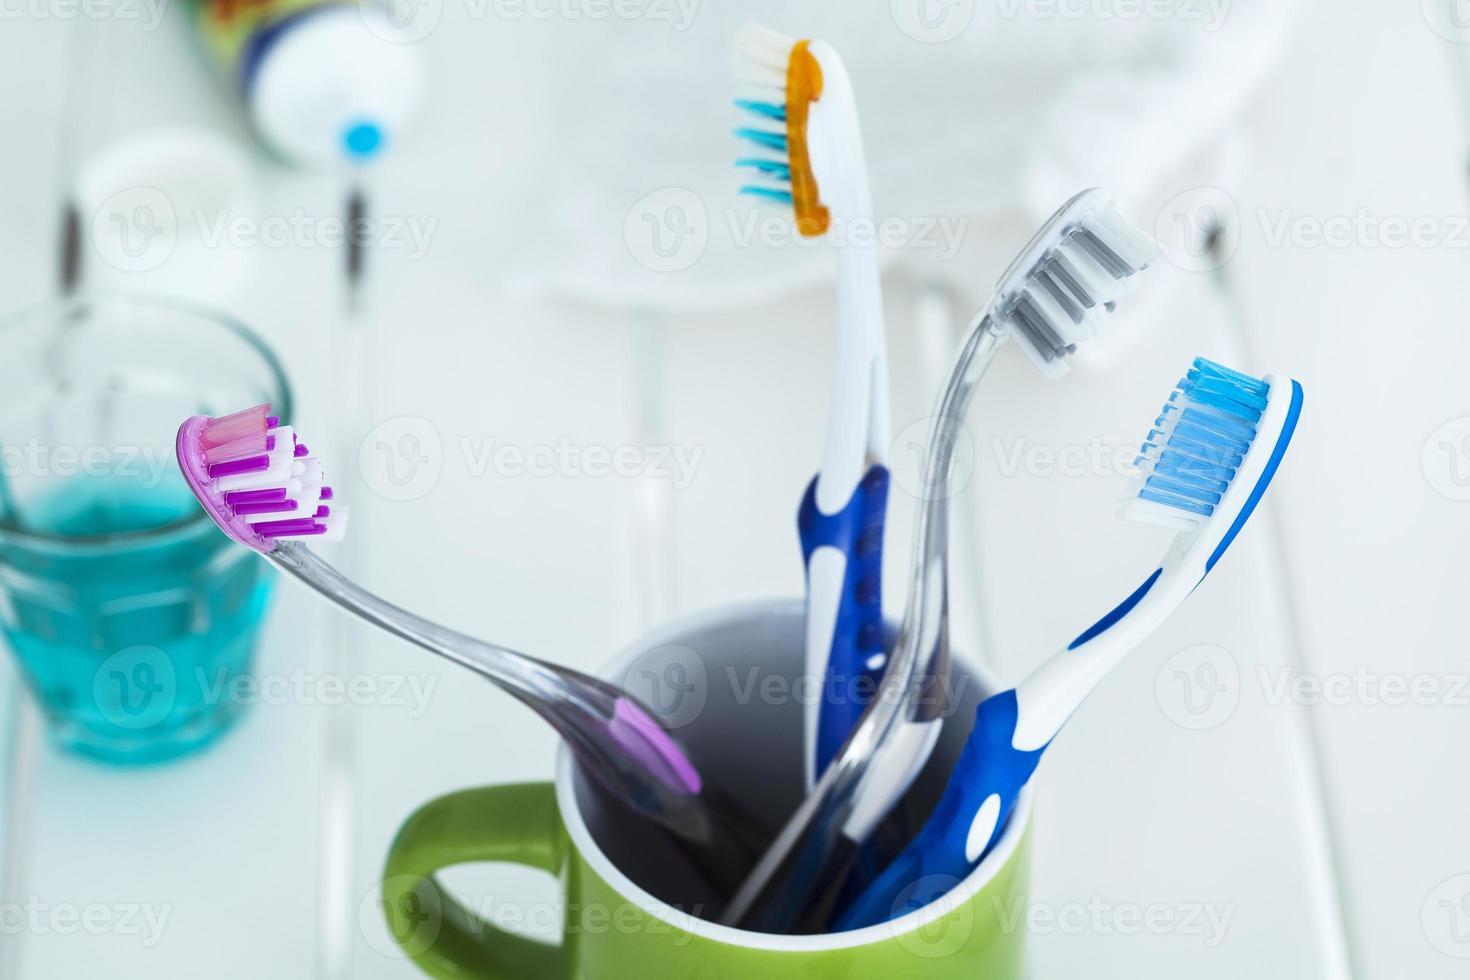 spazzolini da denti in vetro sul tavolo foto